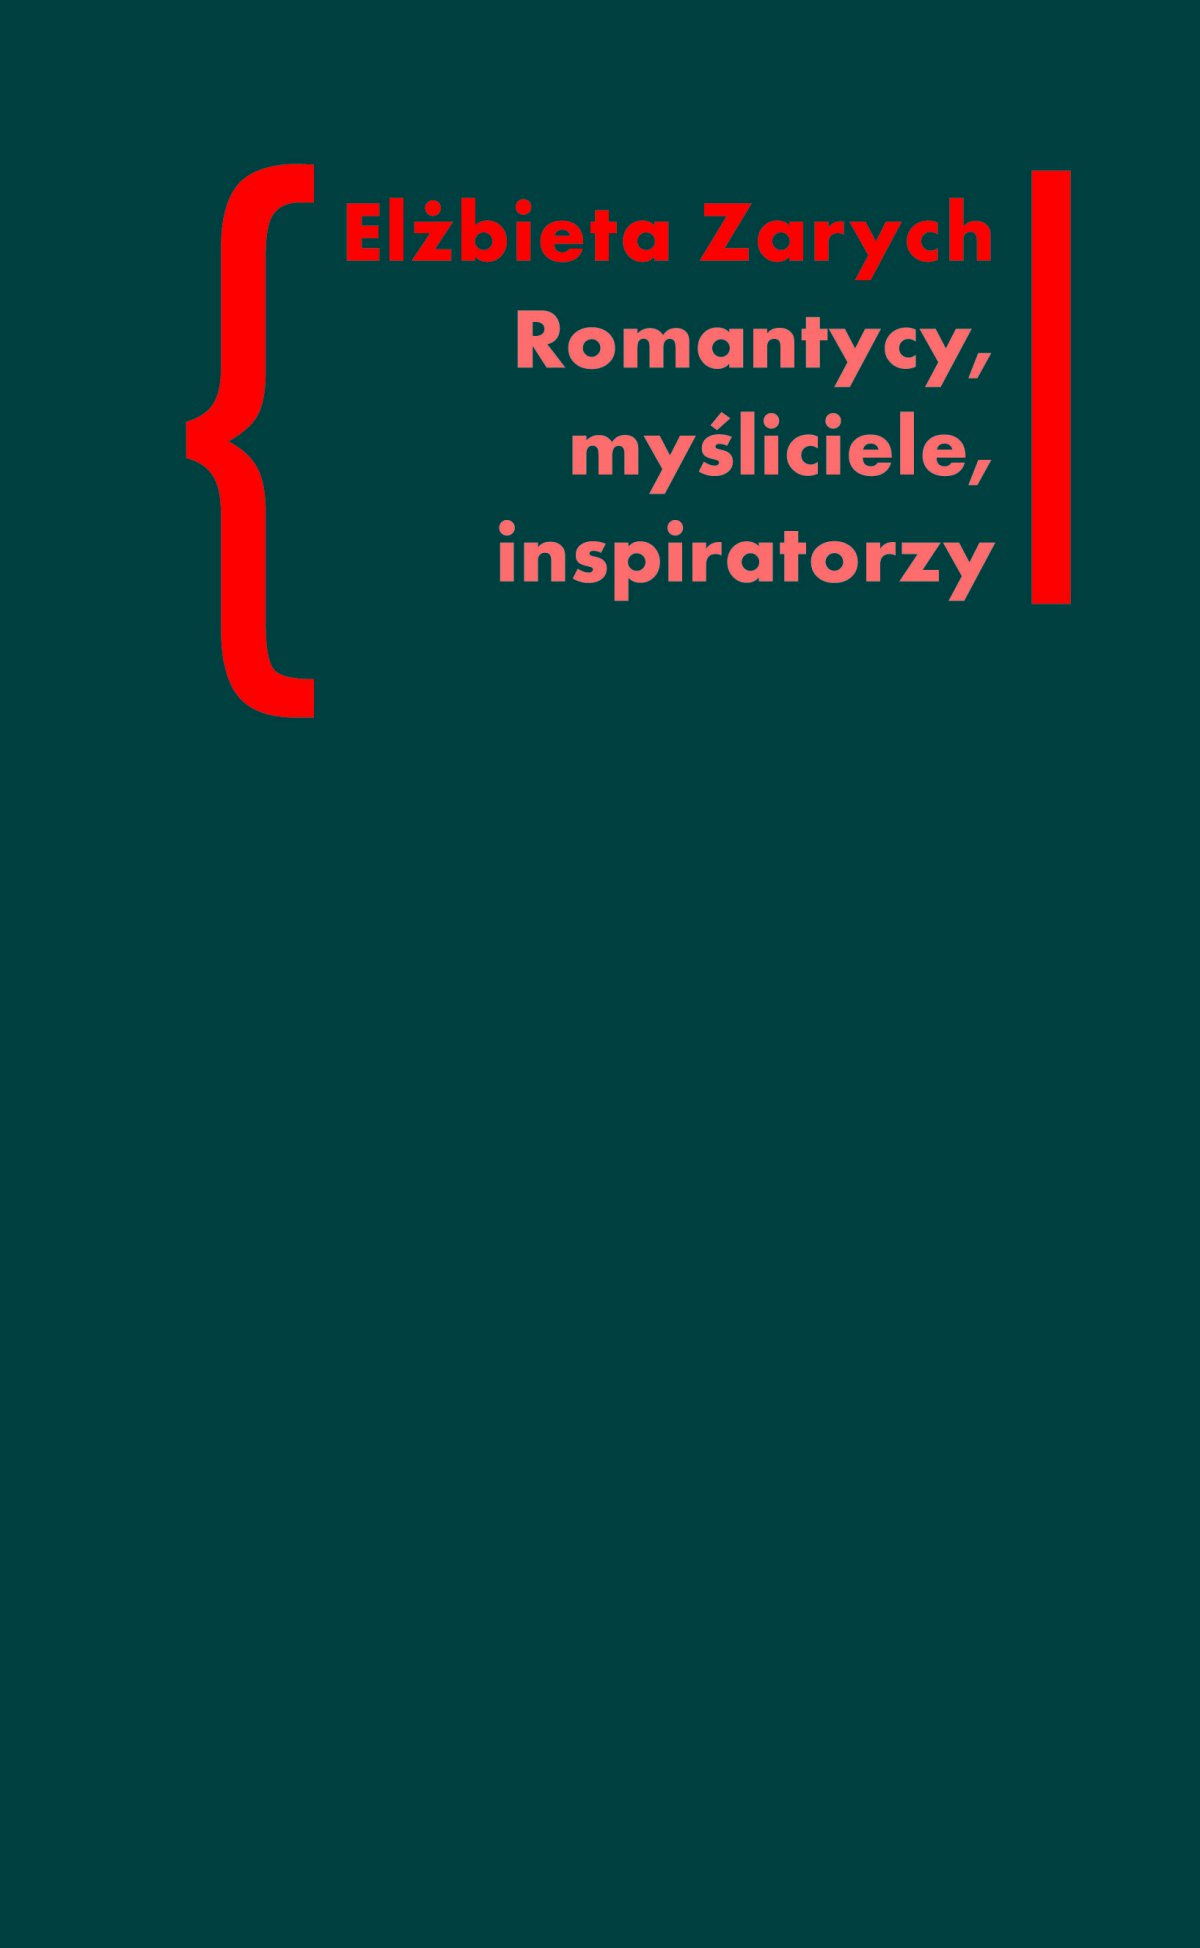 Romantycy, myśliciele, inspiratorzy. Wpływ filozofii niemieckiej na literaturę polskiego romantyzmu - Ebook (Książka na Kindle) do pobrania w formacie MOBI